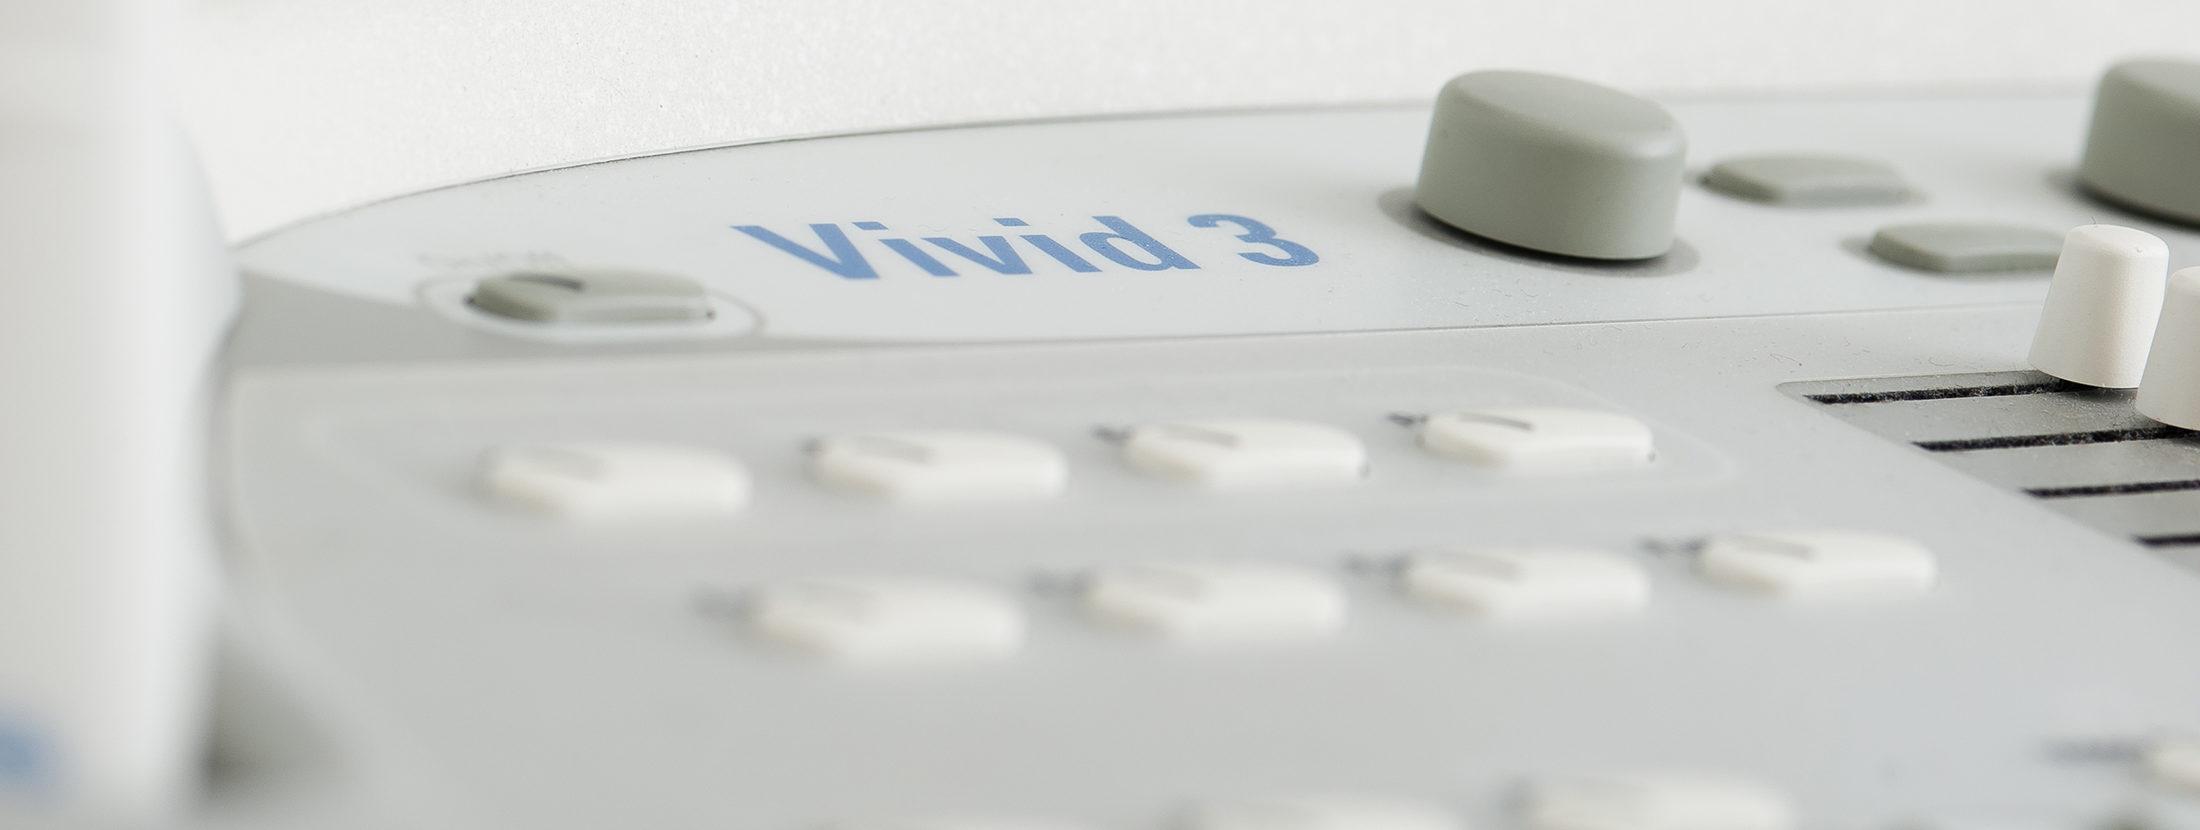 Nahaufnahme von Arzt-Equipment zur Ultraschalluntersuchung